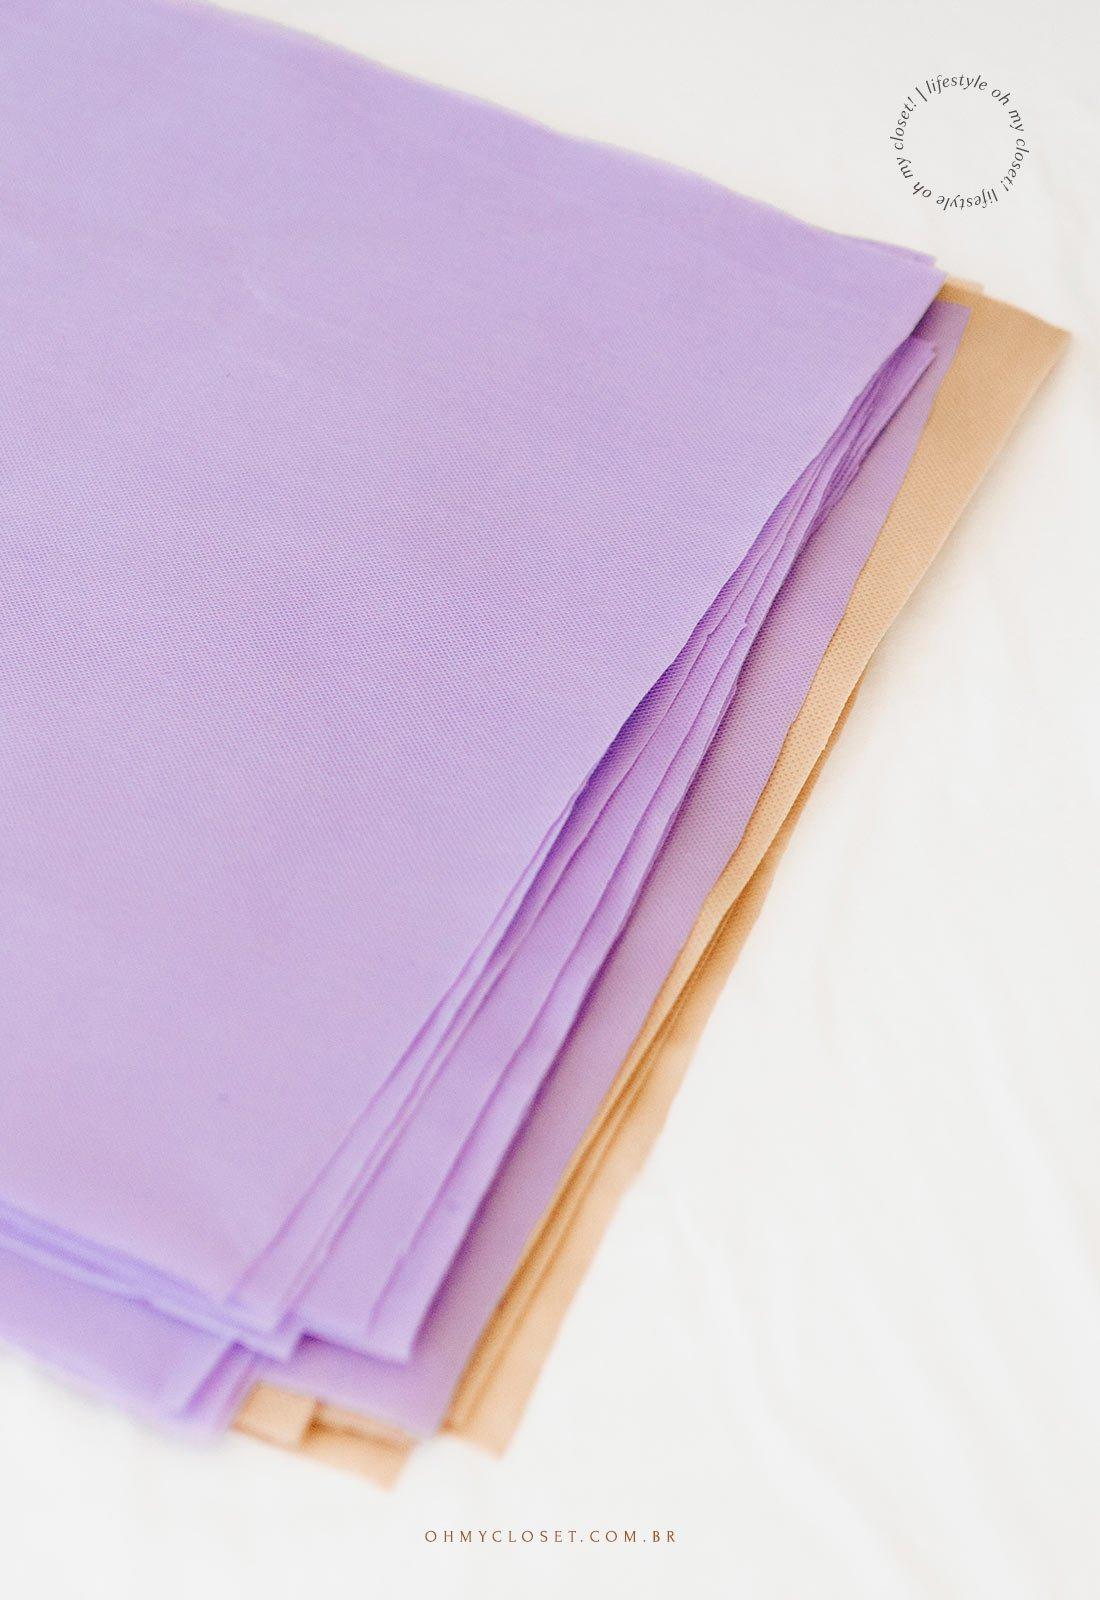 Quadrados de TNT cortados para fazer a toalha para festa junina.